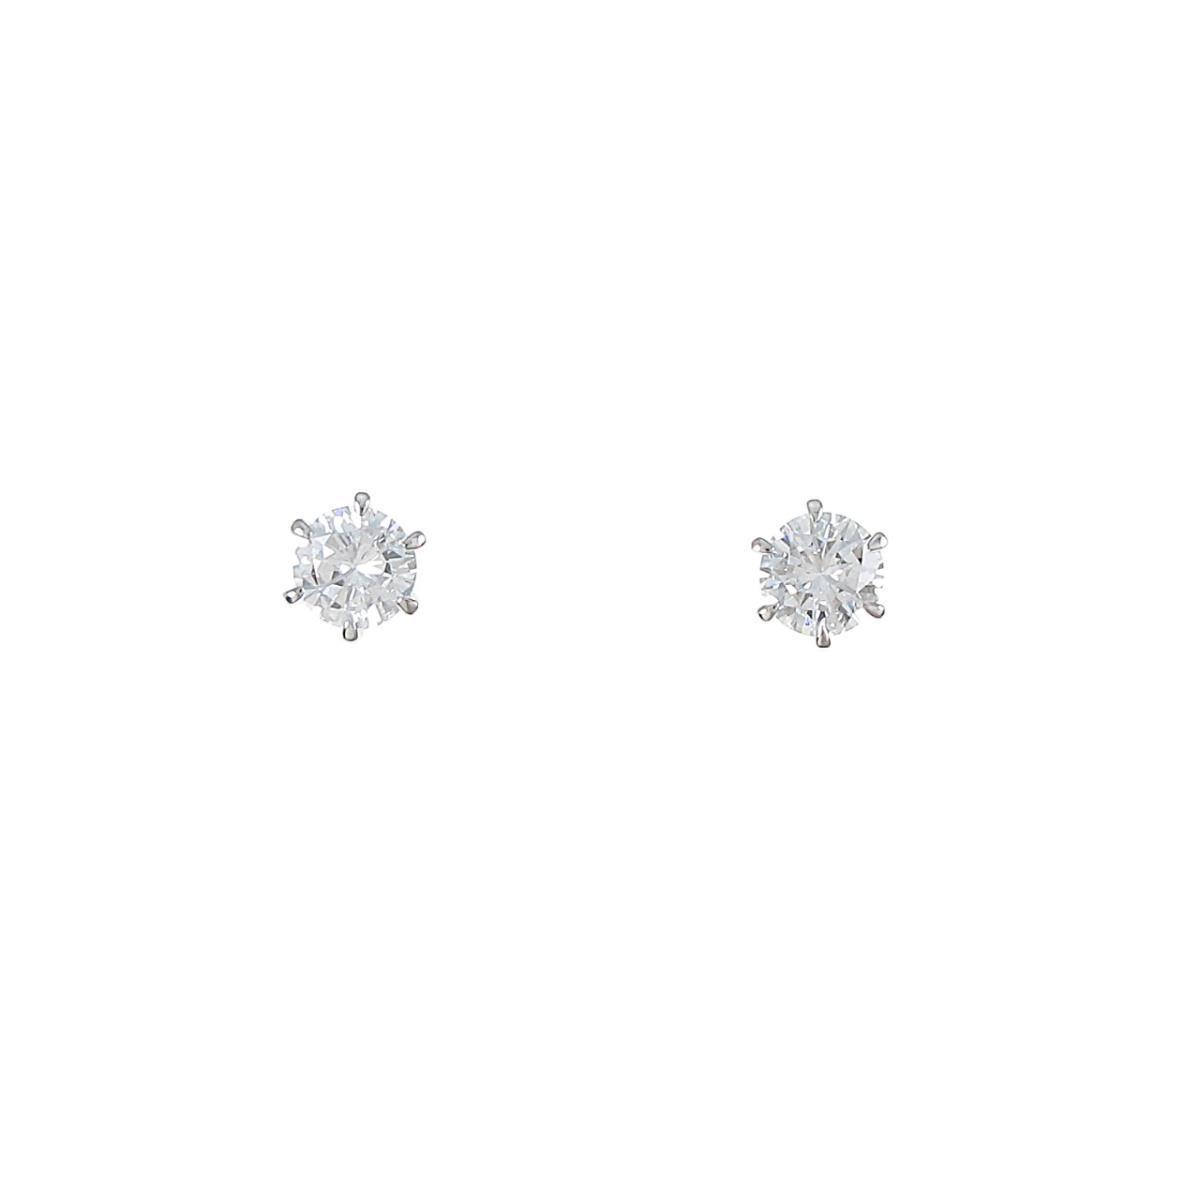 プラチナダイヤモンドピアス 0.402ct・0.403ct・E-F・VS1・VG【中古】